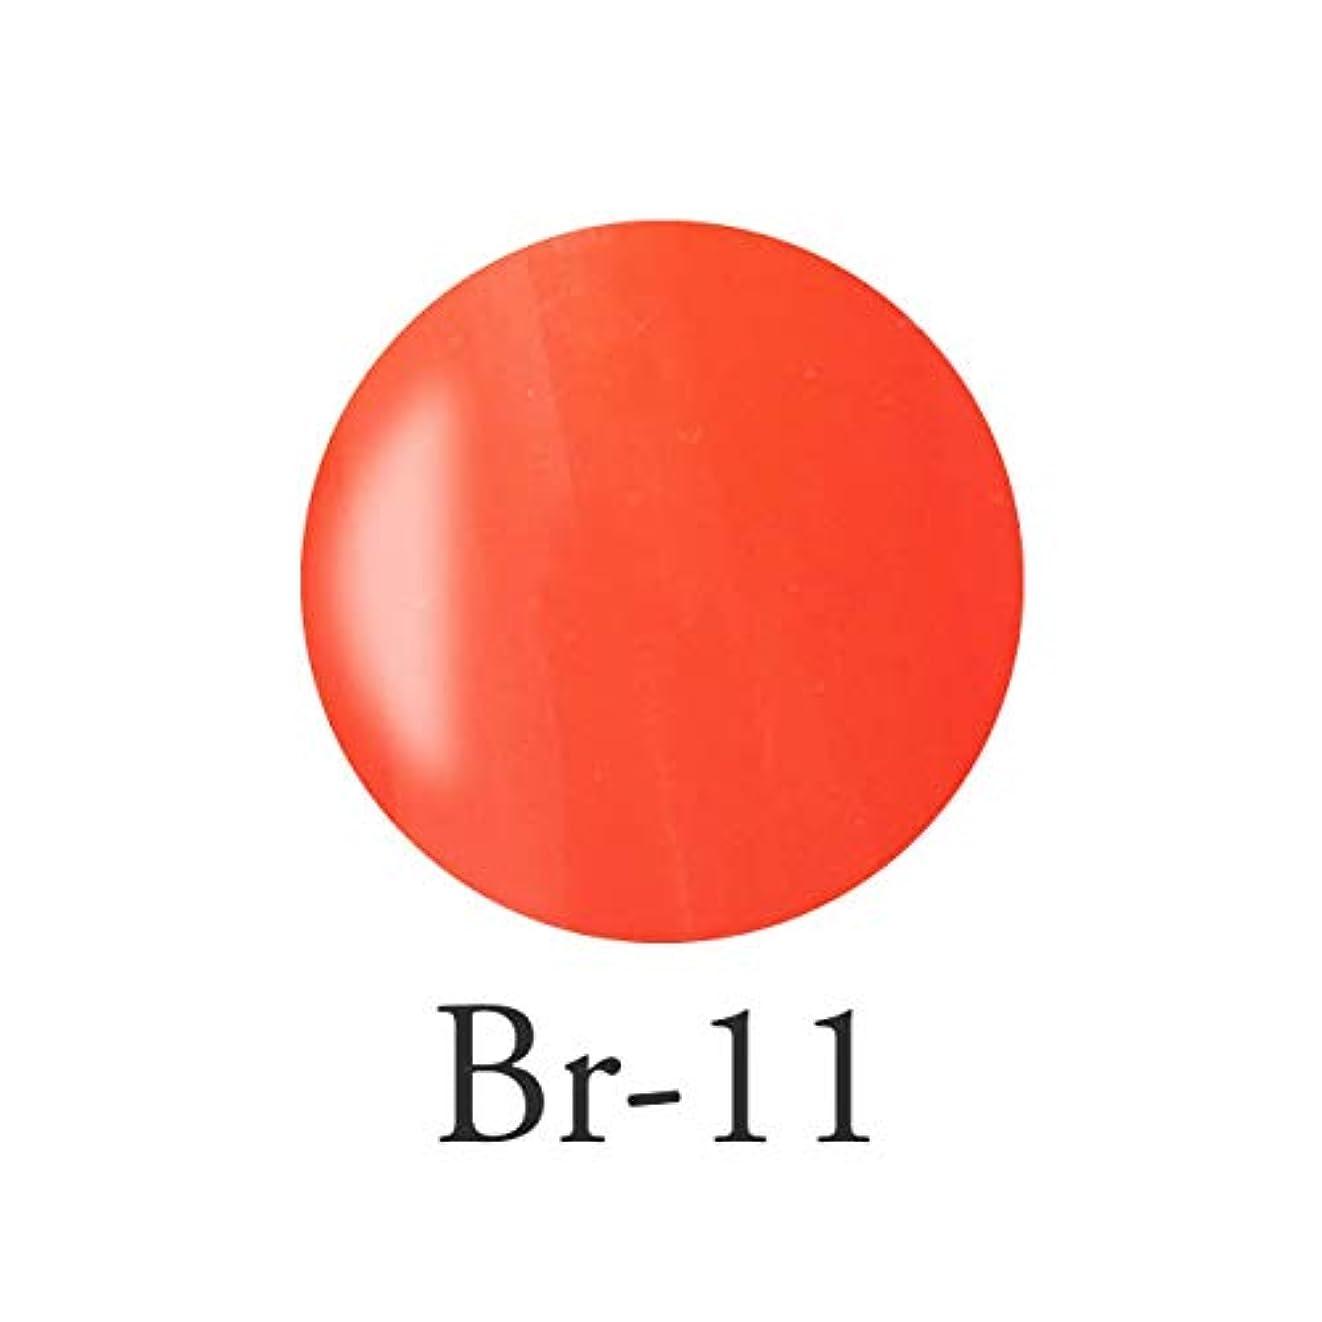 農学不透明なレンダリングエンジェル クィーンカラージェル コロンブオレンジ Br-11 3g